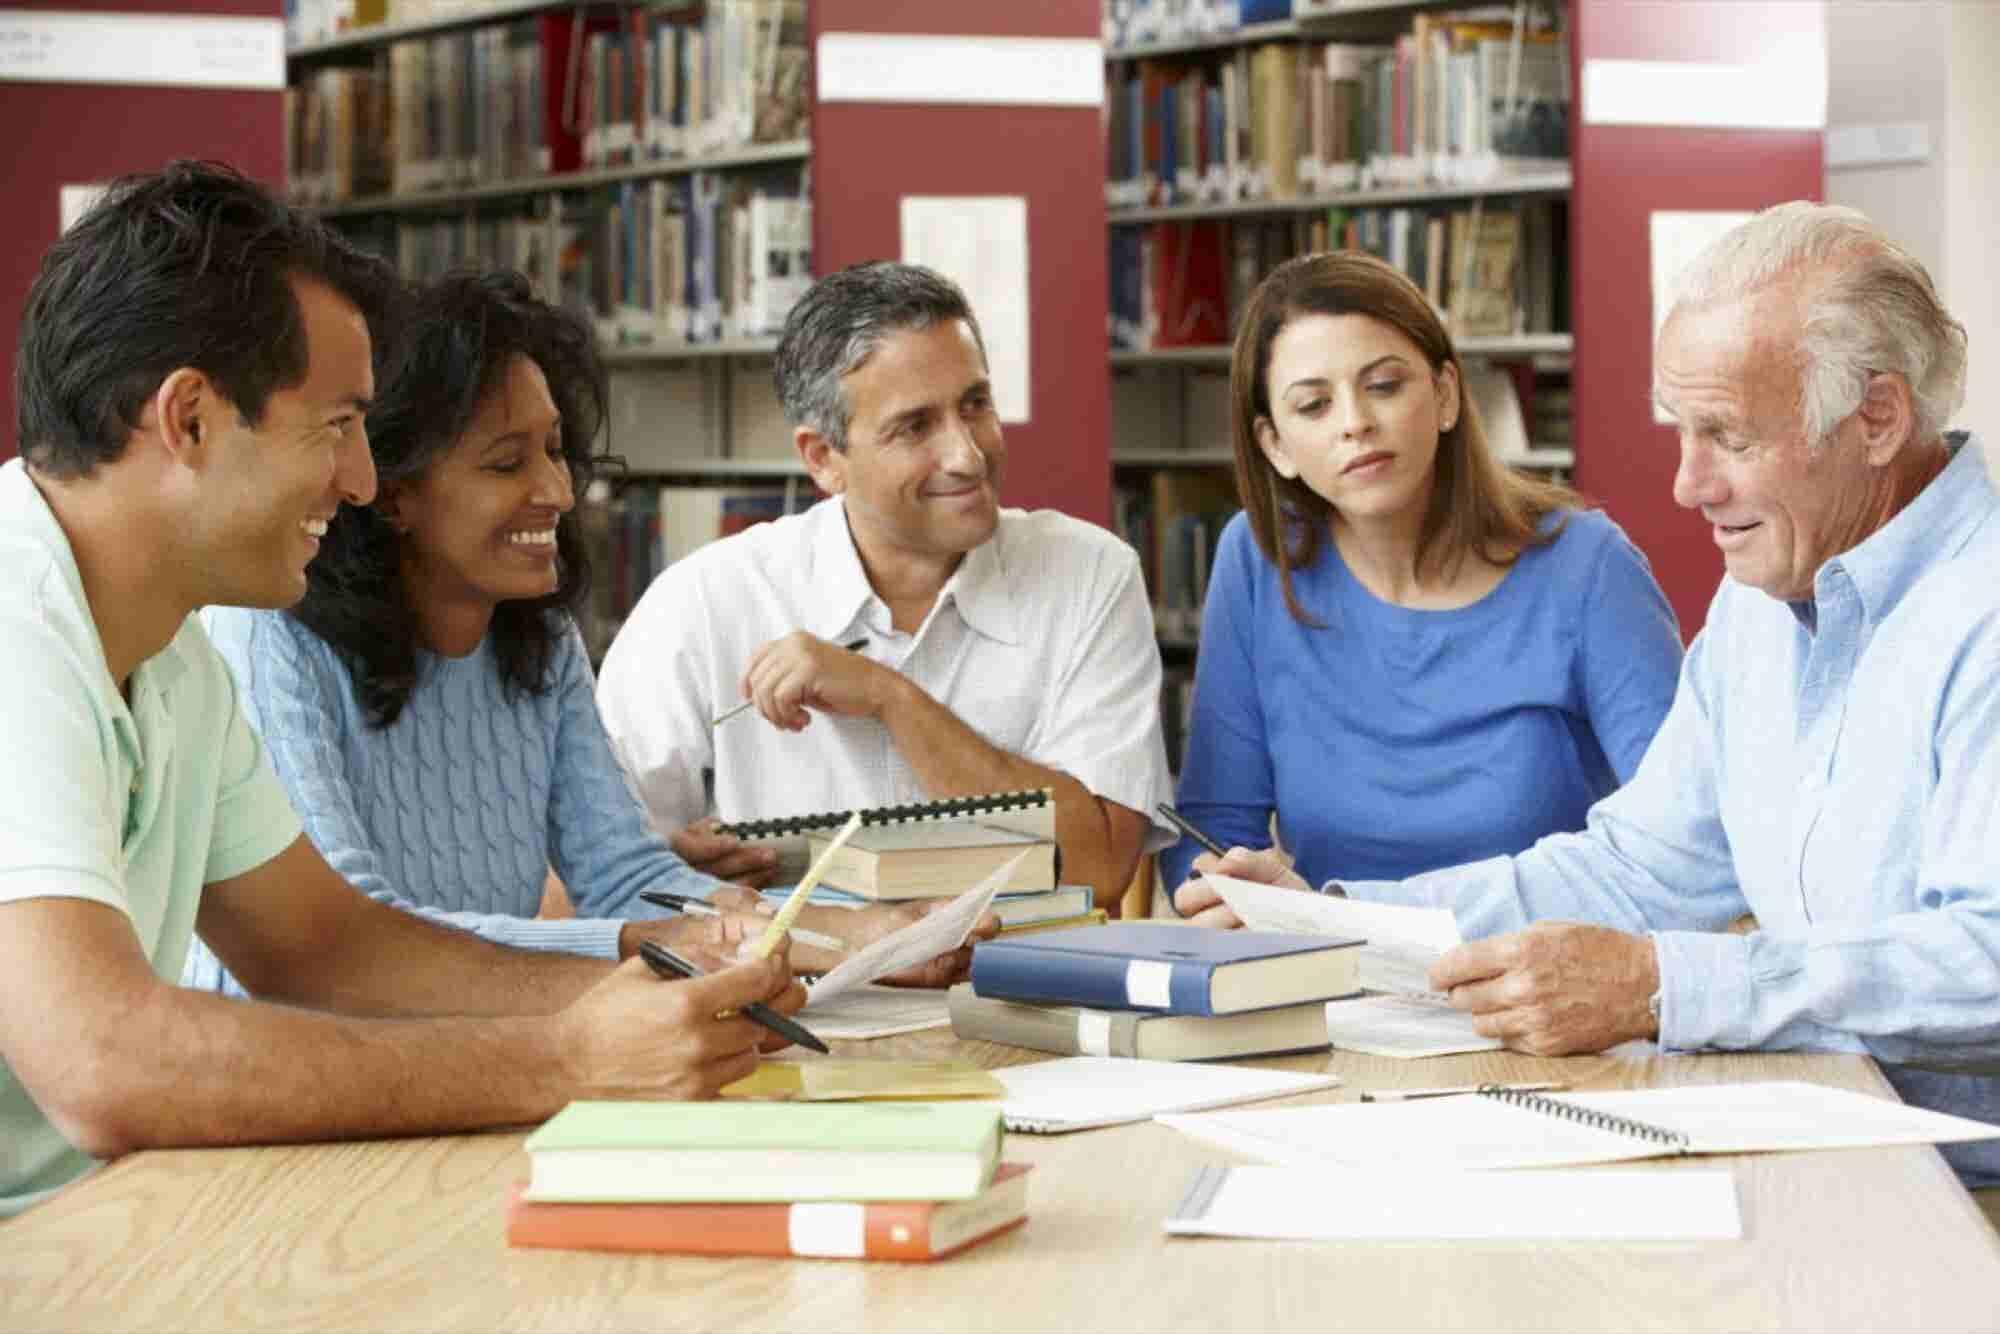 Las 5 'personas' que te ayudarán a triunfar en los negocios